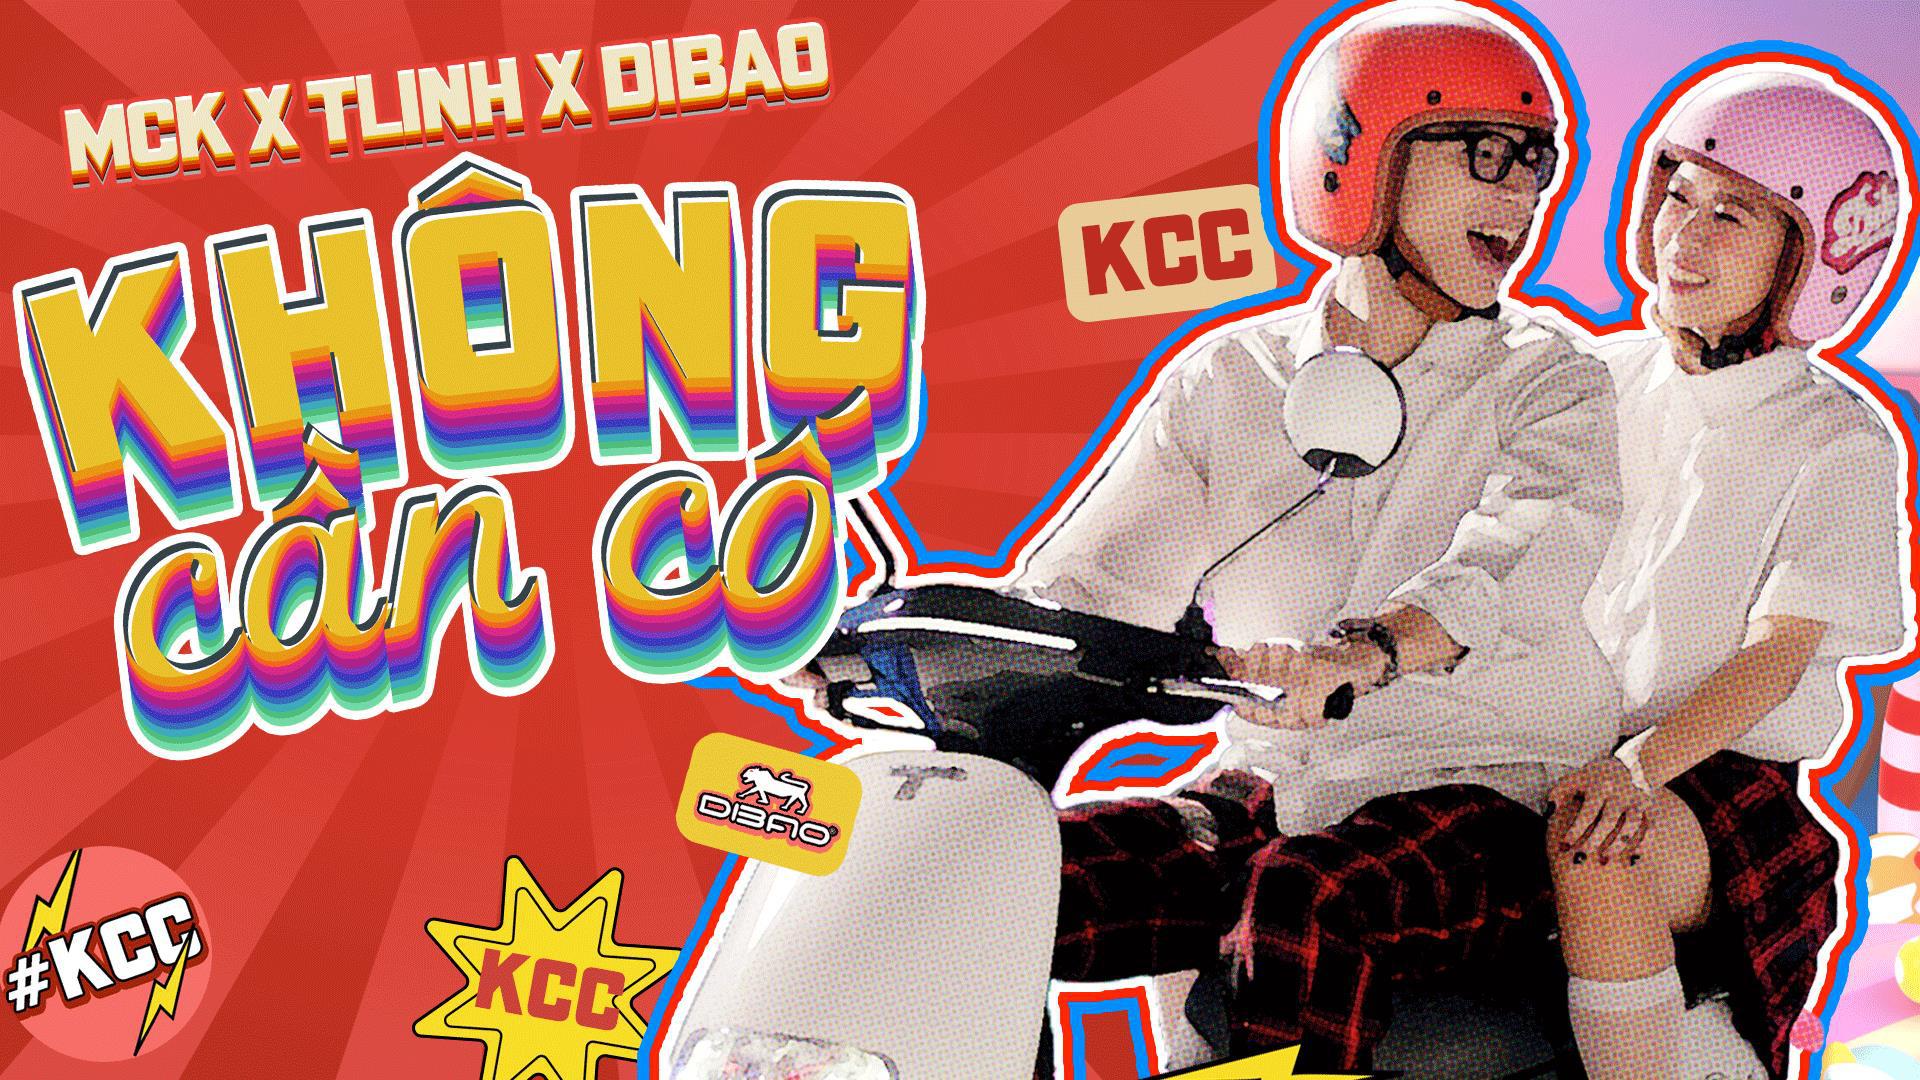 """MCK """"Không Cần Cố"""" sánh đôi cùng Tlinh trong sản phẩm mới của RPT PhongKhin - Ảnh 5."""